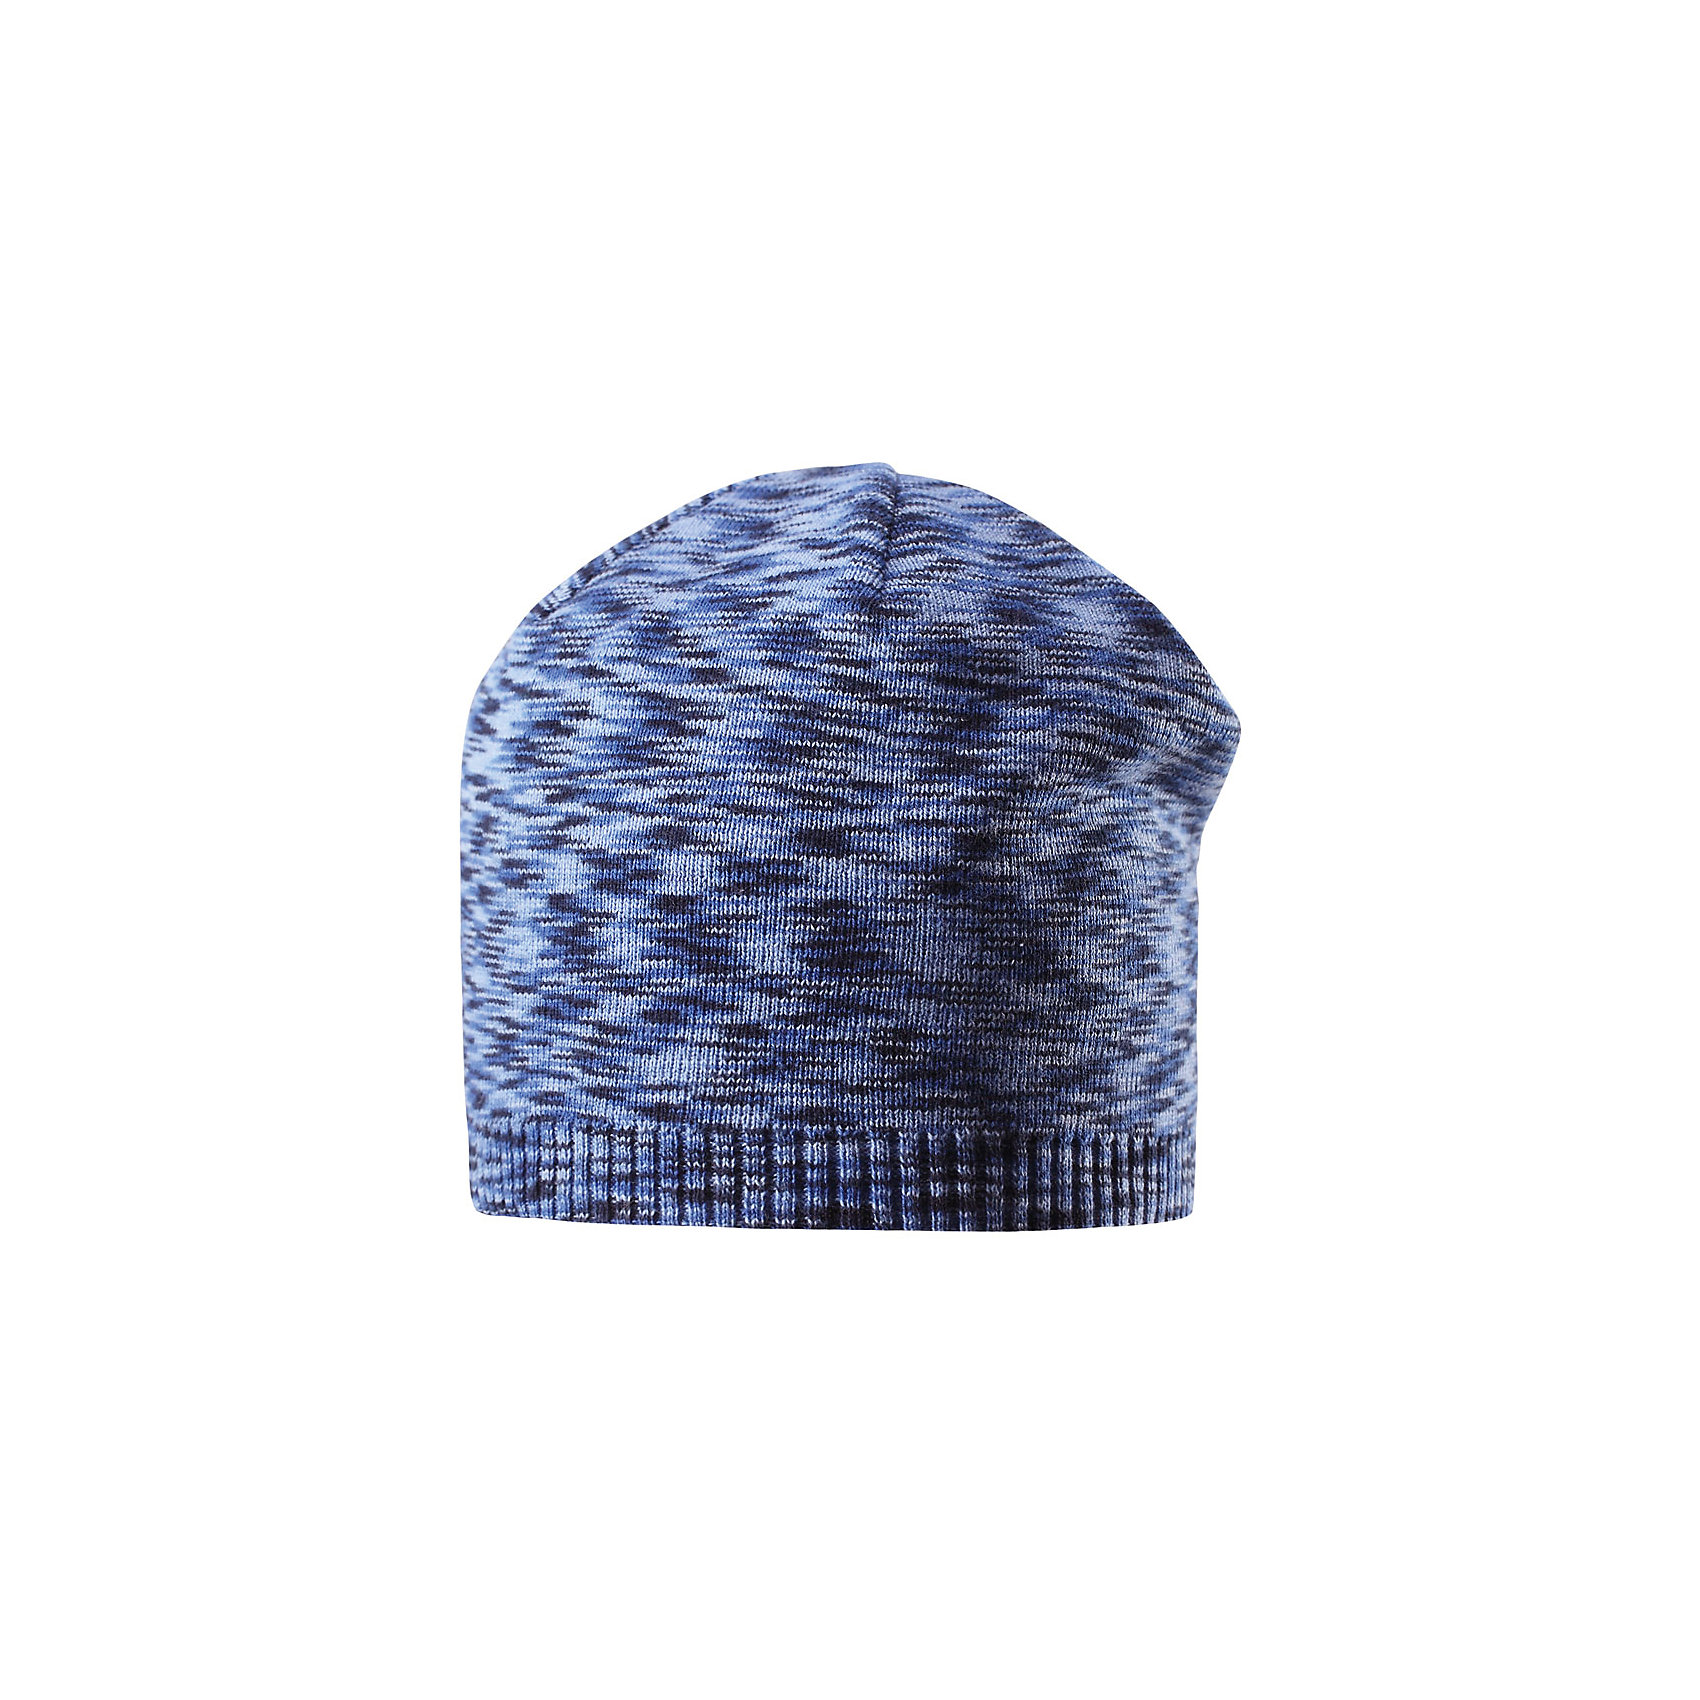 Шапка Liplatus ReimaХарактеристики товара:<br><br>• цвет: синий<br>• состав: 100% хлопок<br>• температурный режим: от 10С<br>• эластичный хлопковый трикотаж<br>• изделие сертифицированно по стандарту Oeko-Tex на продукция класса 2 - одежда, контактирующая с кожей<br>• облегчённая модель без подкладки<br>• эмблема Reima сзади<br>• страна бренда: Финляндия<br>• страна производства: Китай<br><br>Детский головной убор может быть модным и удобным одновременно! Стильная шапка поможет обеспечить ребенку комфорт и дополнить наряд. Шапка удобно сидит и аккуратно выглядит. Проста в уходе, долго служит.<br><br>Уход:<br><br>• сирать по отдельности, вывернув наизнанку<br>• придать первоначальную форму вo влажном виде<br>• возможна усадка 5 %.<br><br>Шапку для мальчика от финского бренда Reima (Рейма) можно купить в нашем интернет-магазине.<br><br>Ширина мм: 89<br>Глубина мм: 117<br>Высота мм: 44<br>Вес г: 155<br>Цвет: синий<br>Возраст от месяцев: 9<br>Возраст до месяцев: 18<br>Пол: Унисекс<br>Возраст: Детский<br>Размер: 48,52,54,56,50<br>SKU: 5267814